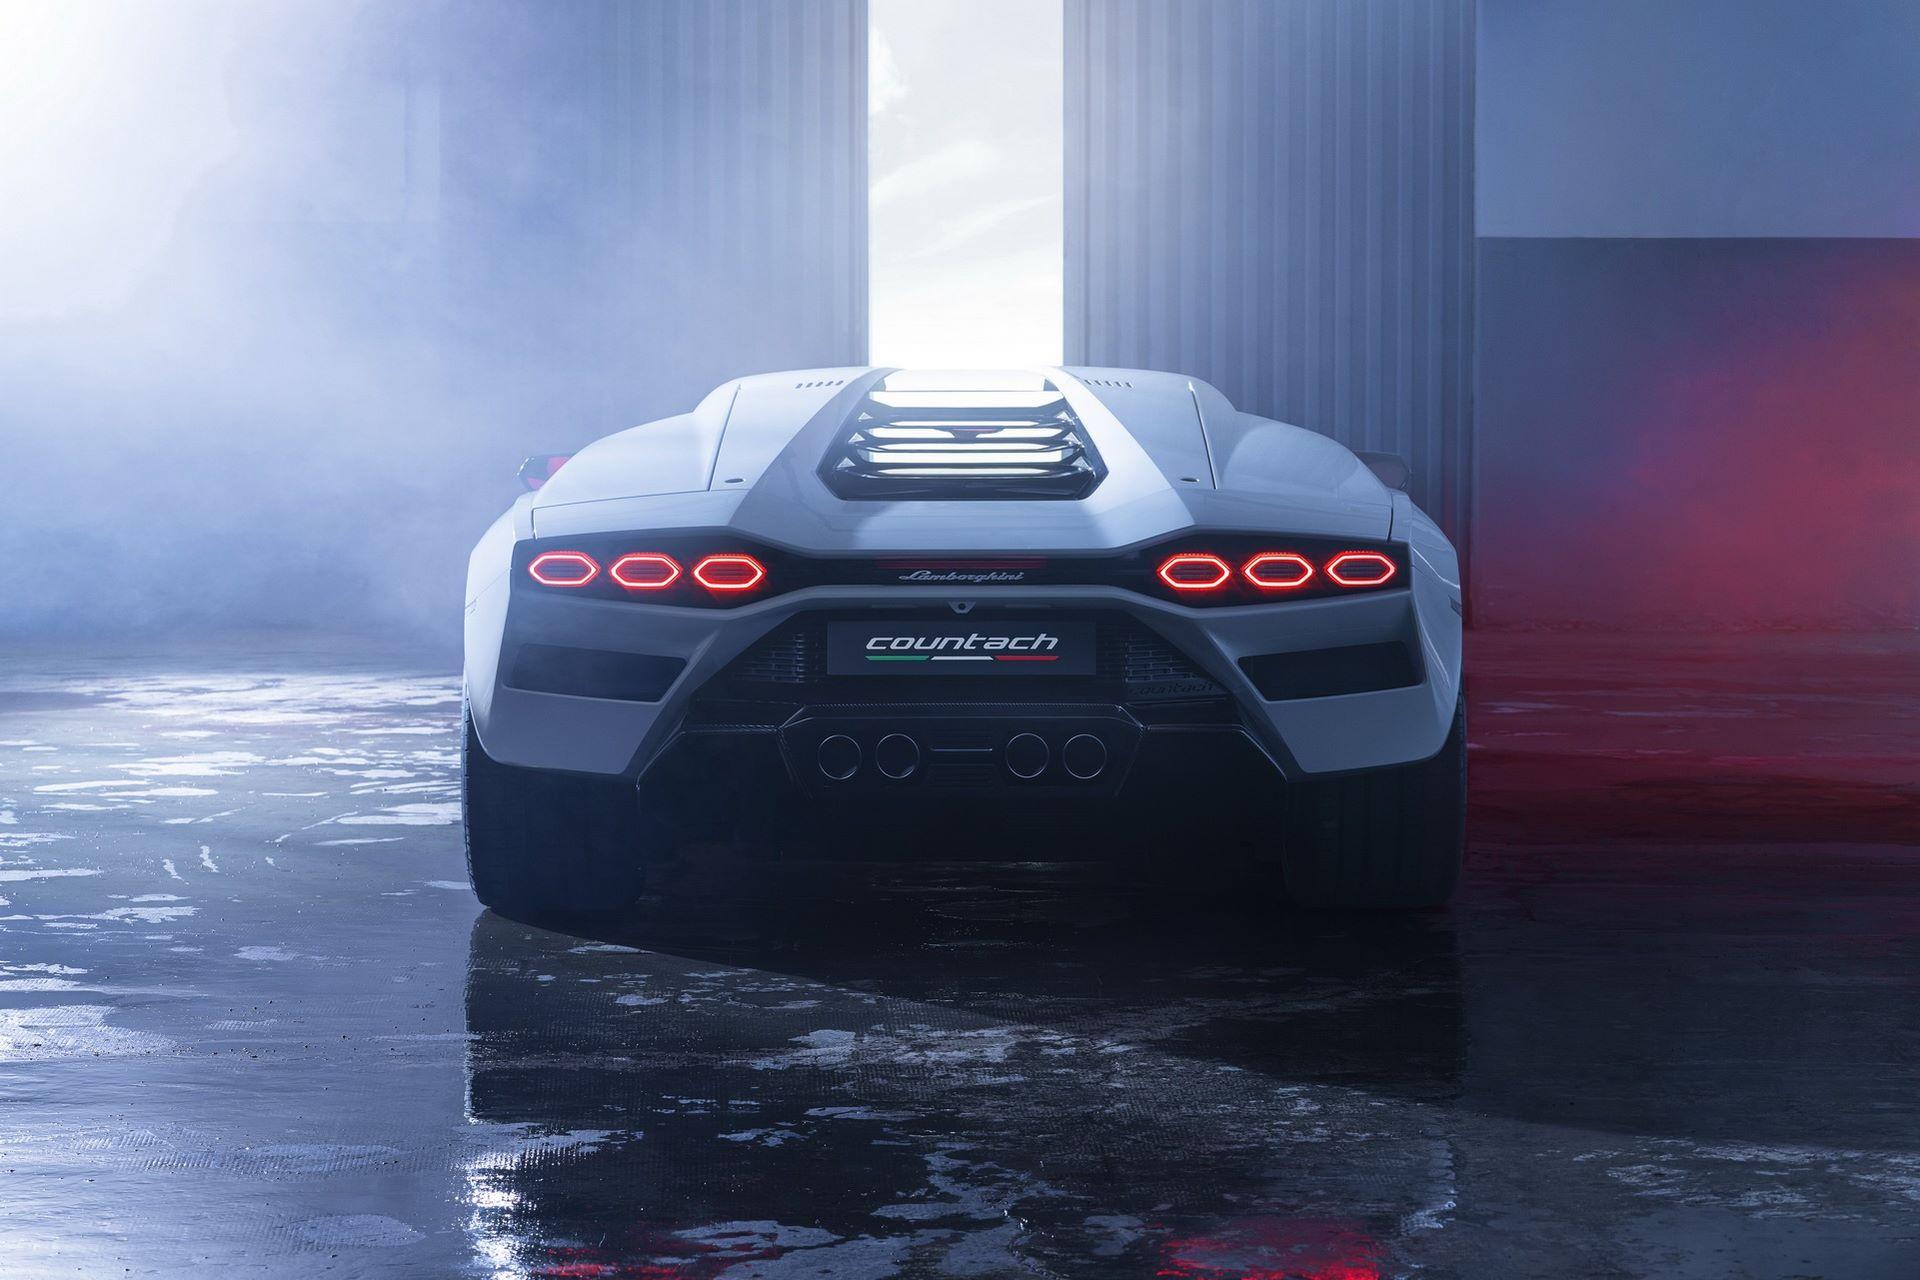 Lamborghini-Countach-LPI-800-4-82